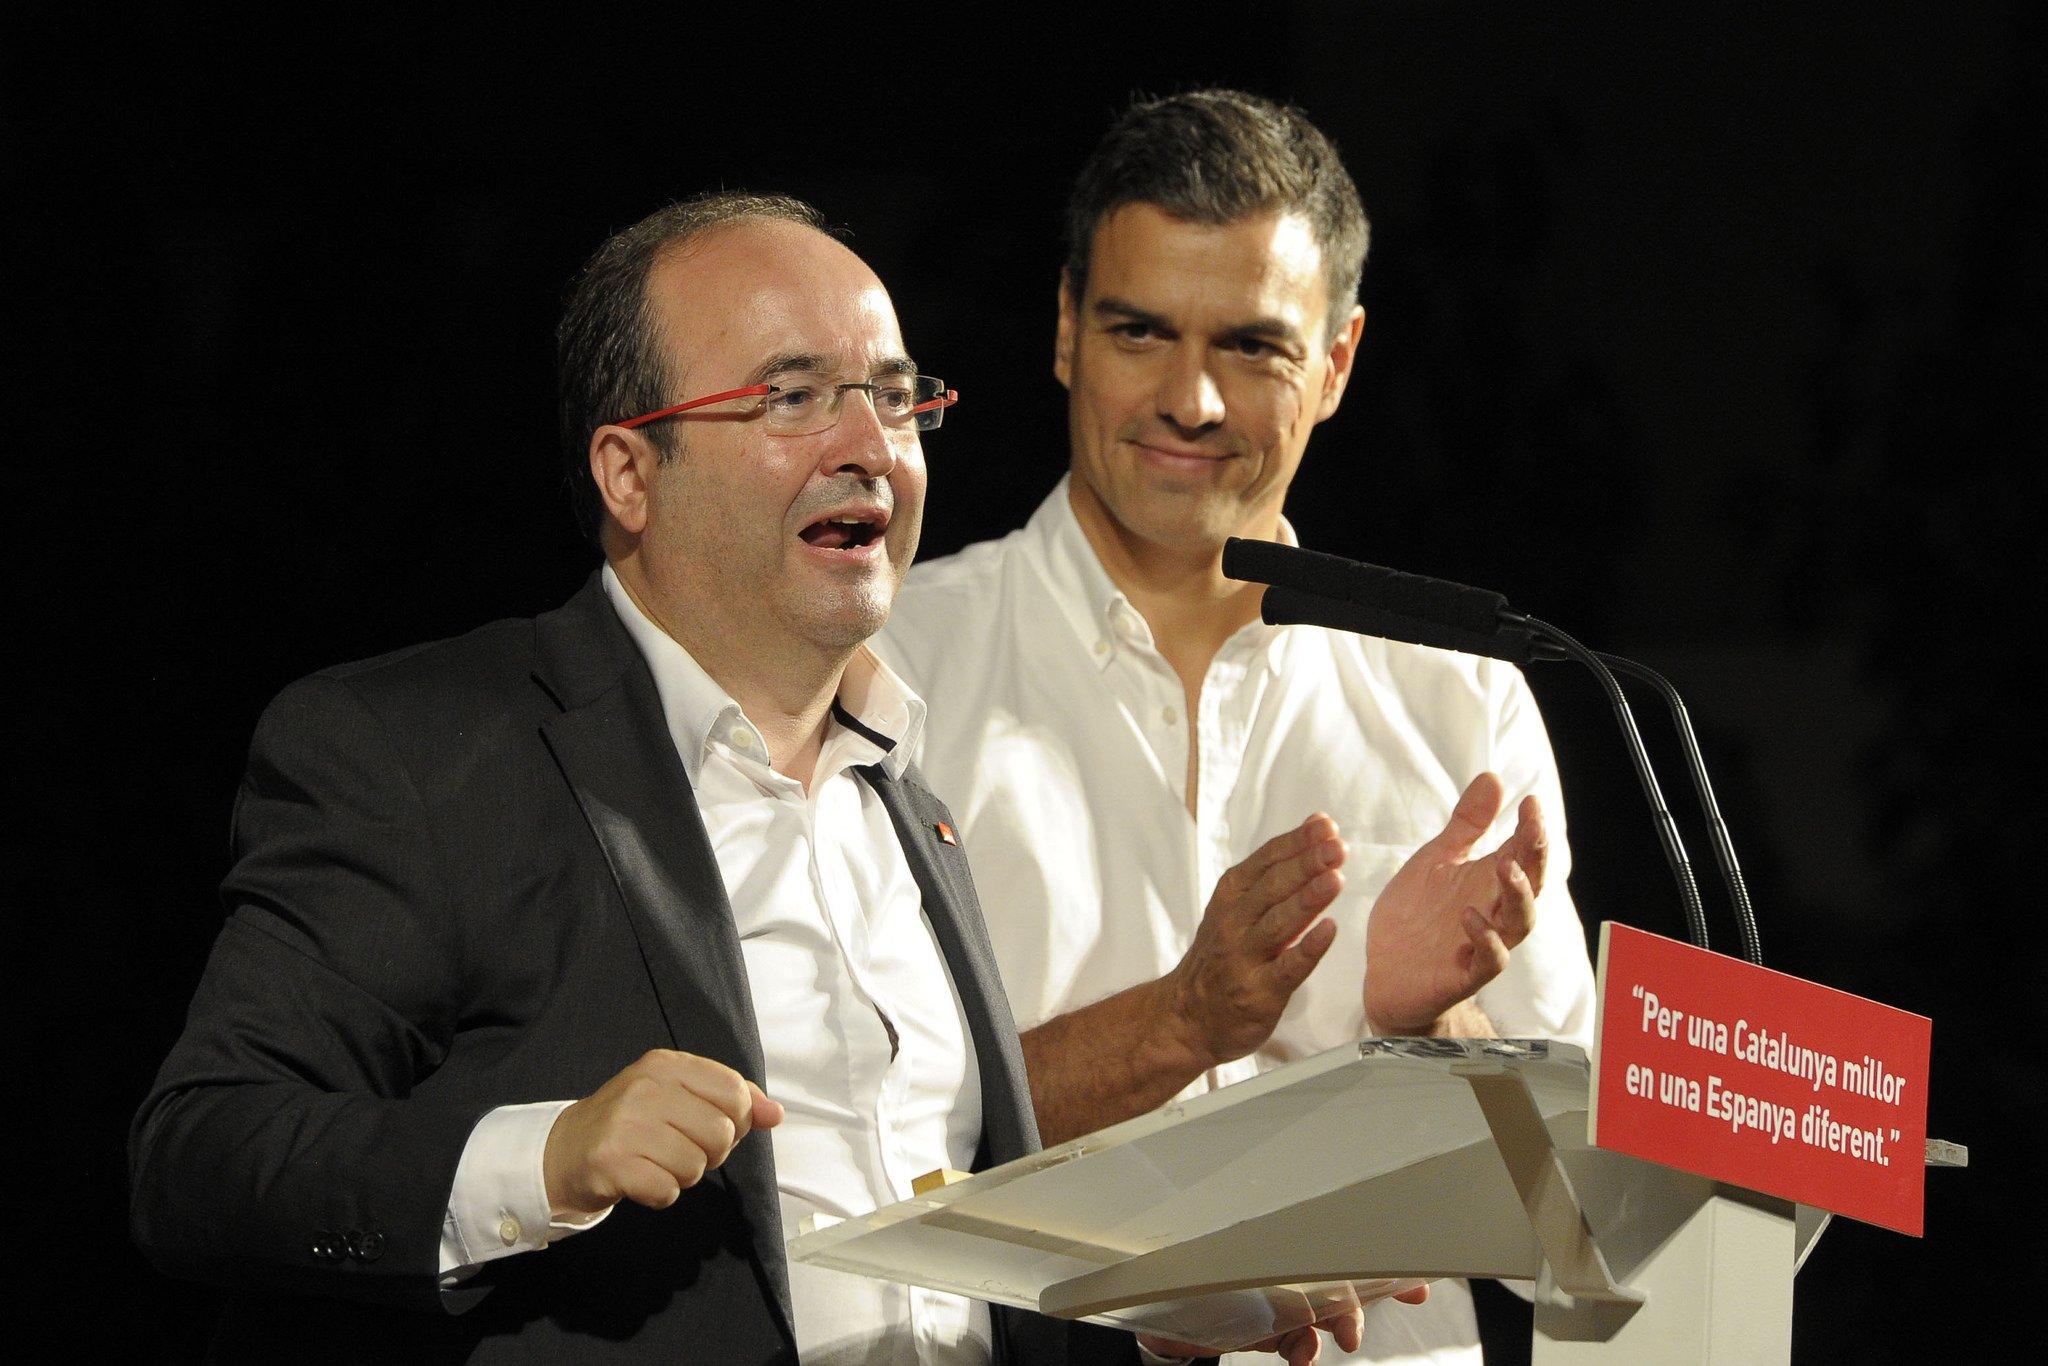 Miquel Iceta y Pedro Sánchez: ¿Quién manda a quién?